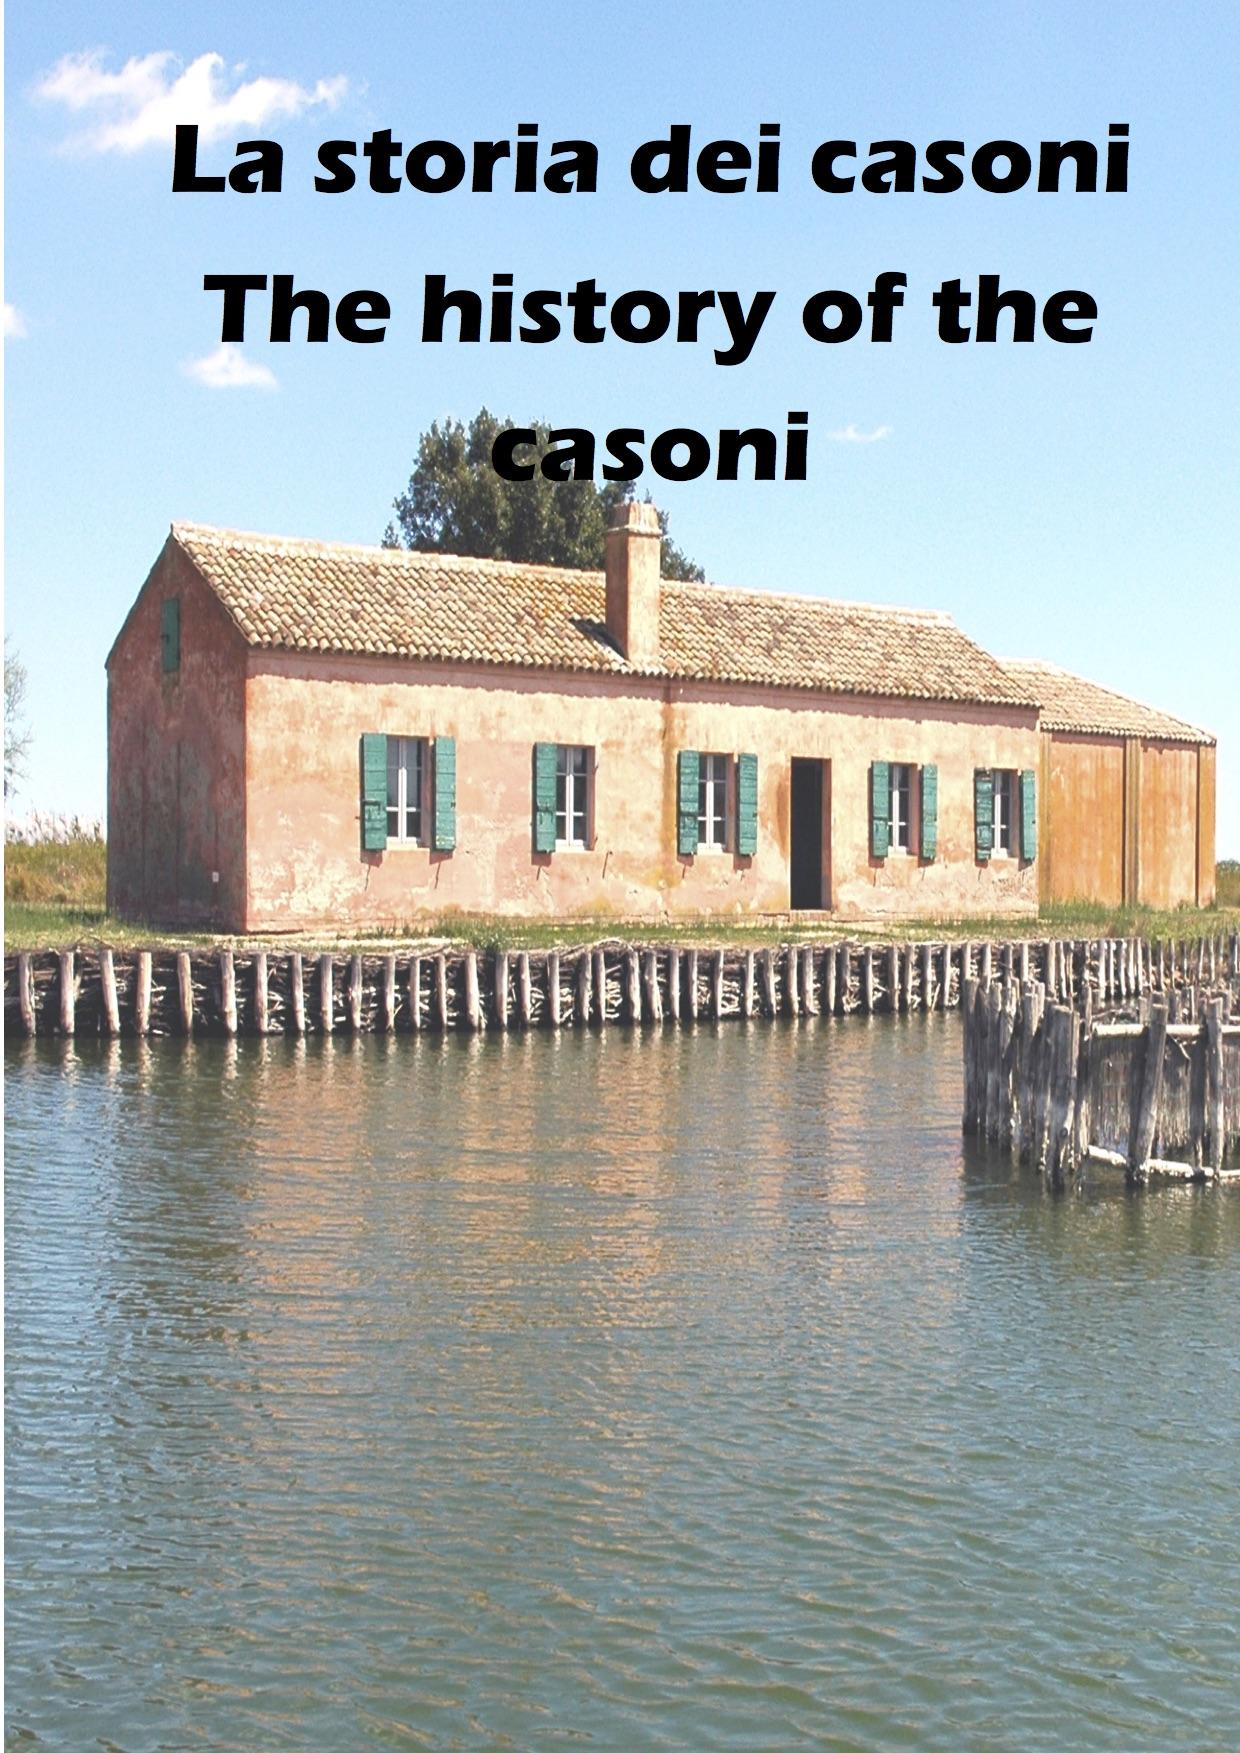 copertina -la storia dei casoni